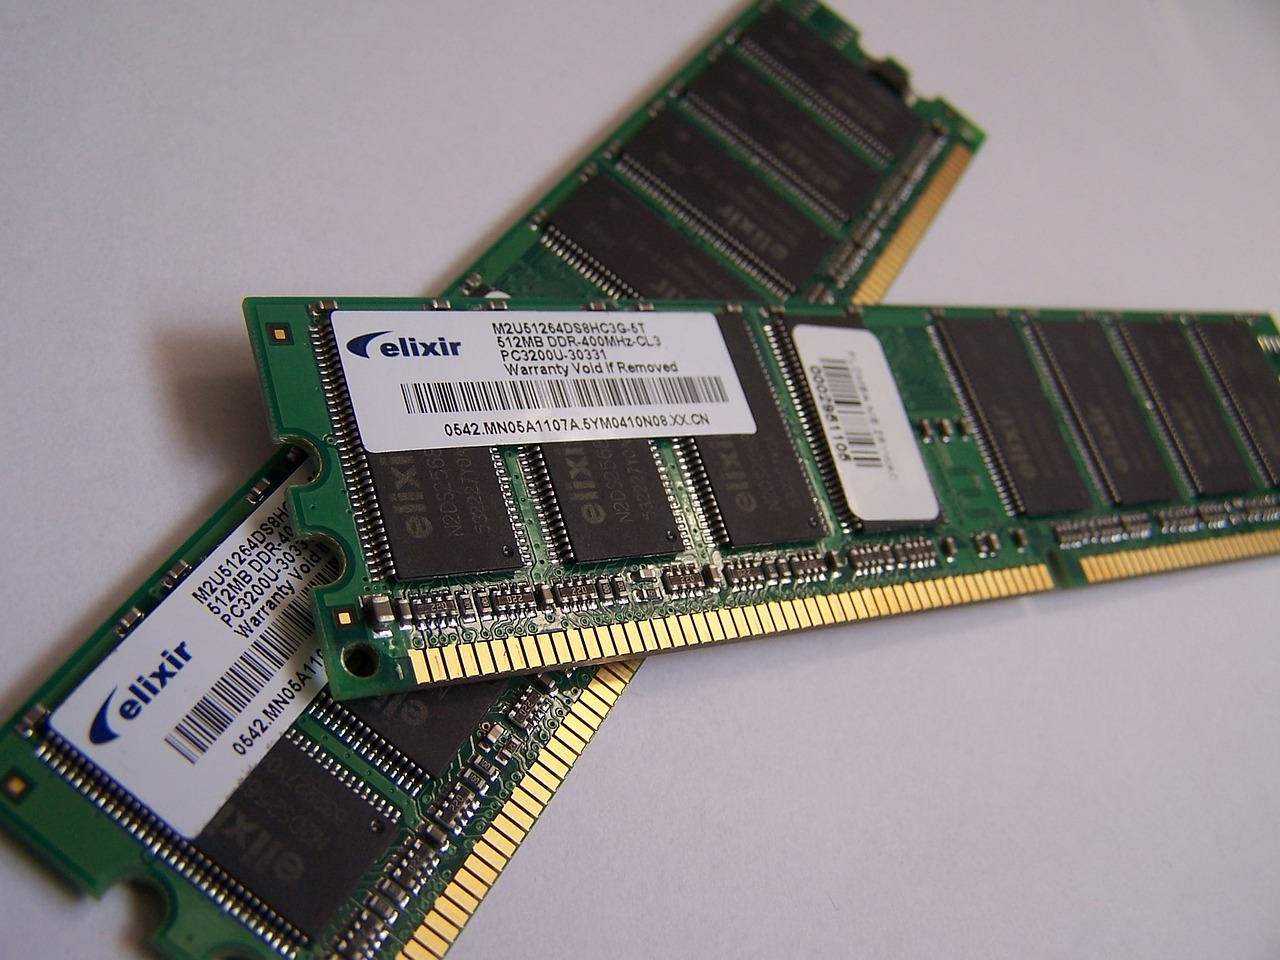 おすすめメモリの選び方 規格と容量ごとにメーカー信頼性ランキング評価